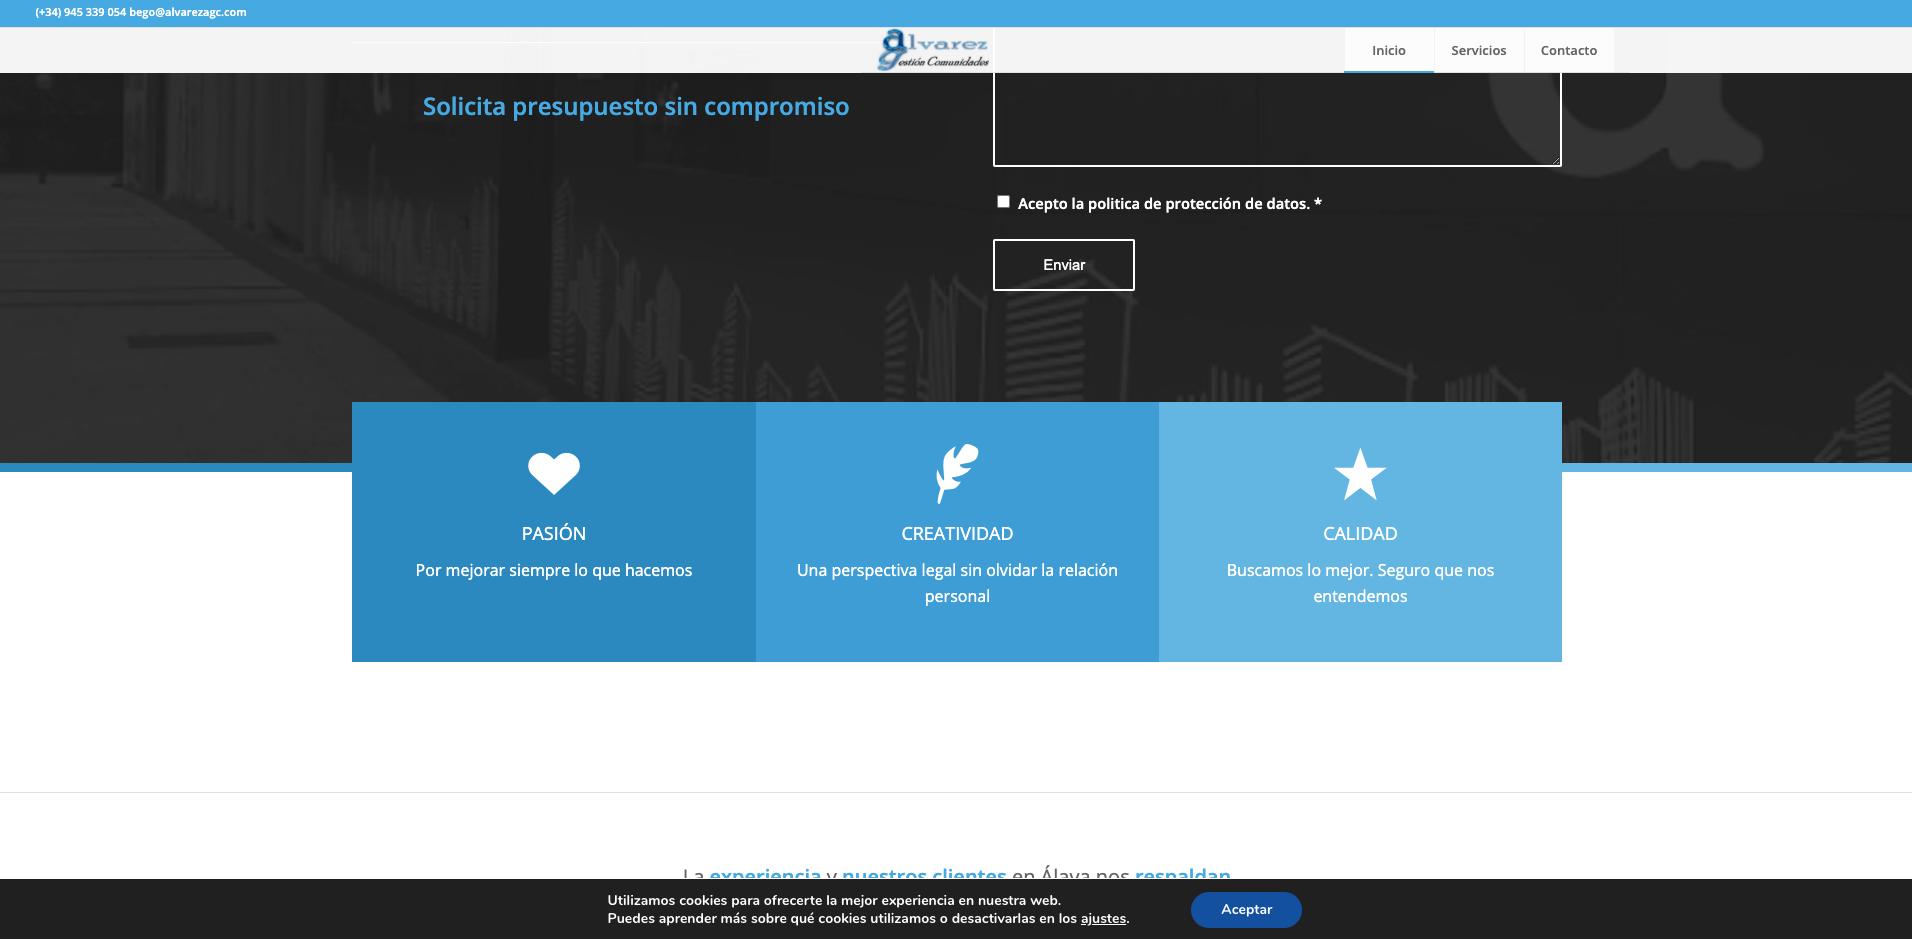 empresas especialistas paginas web posicionamiento seo comunidades de fincas gestion